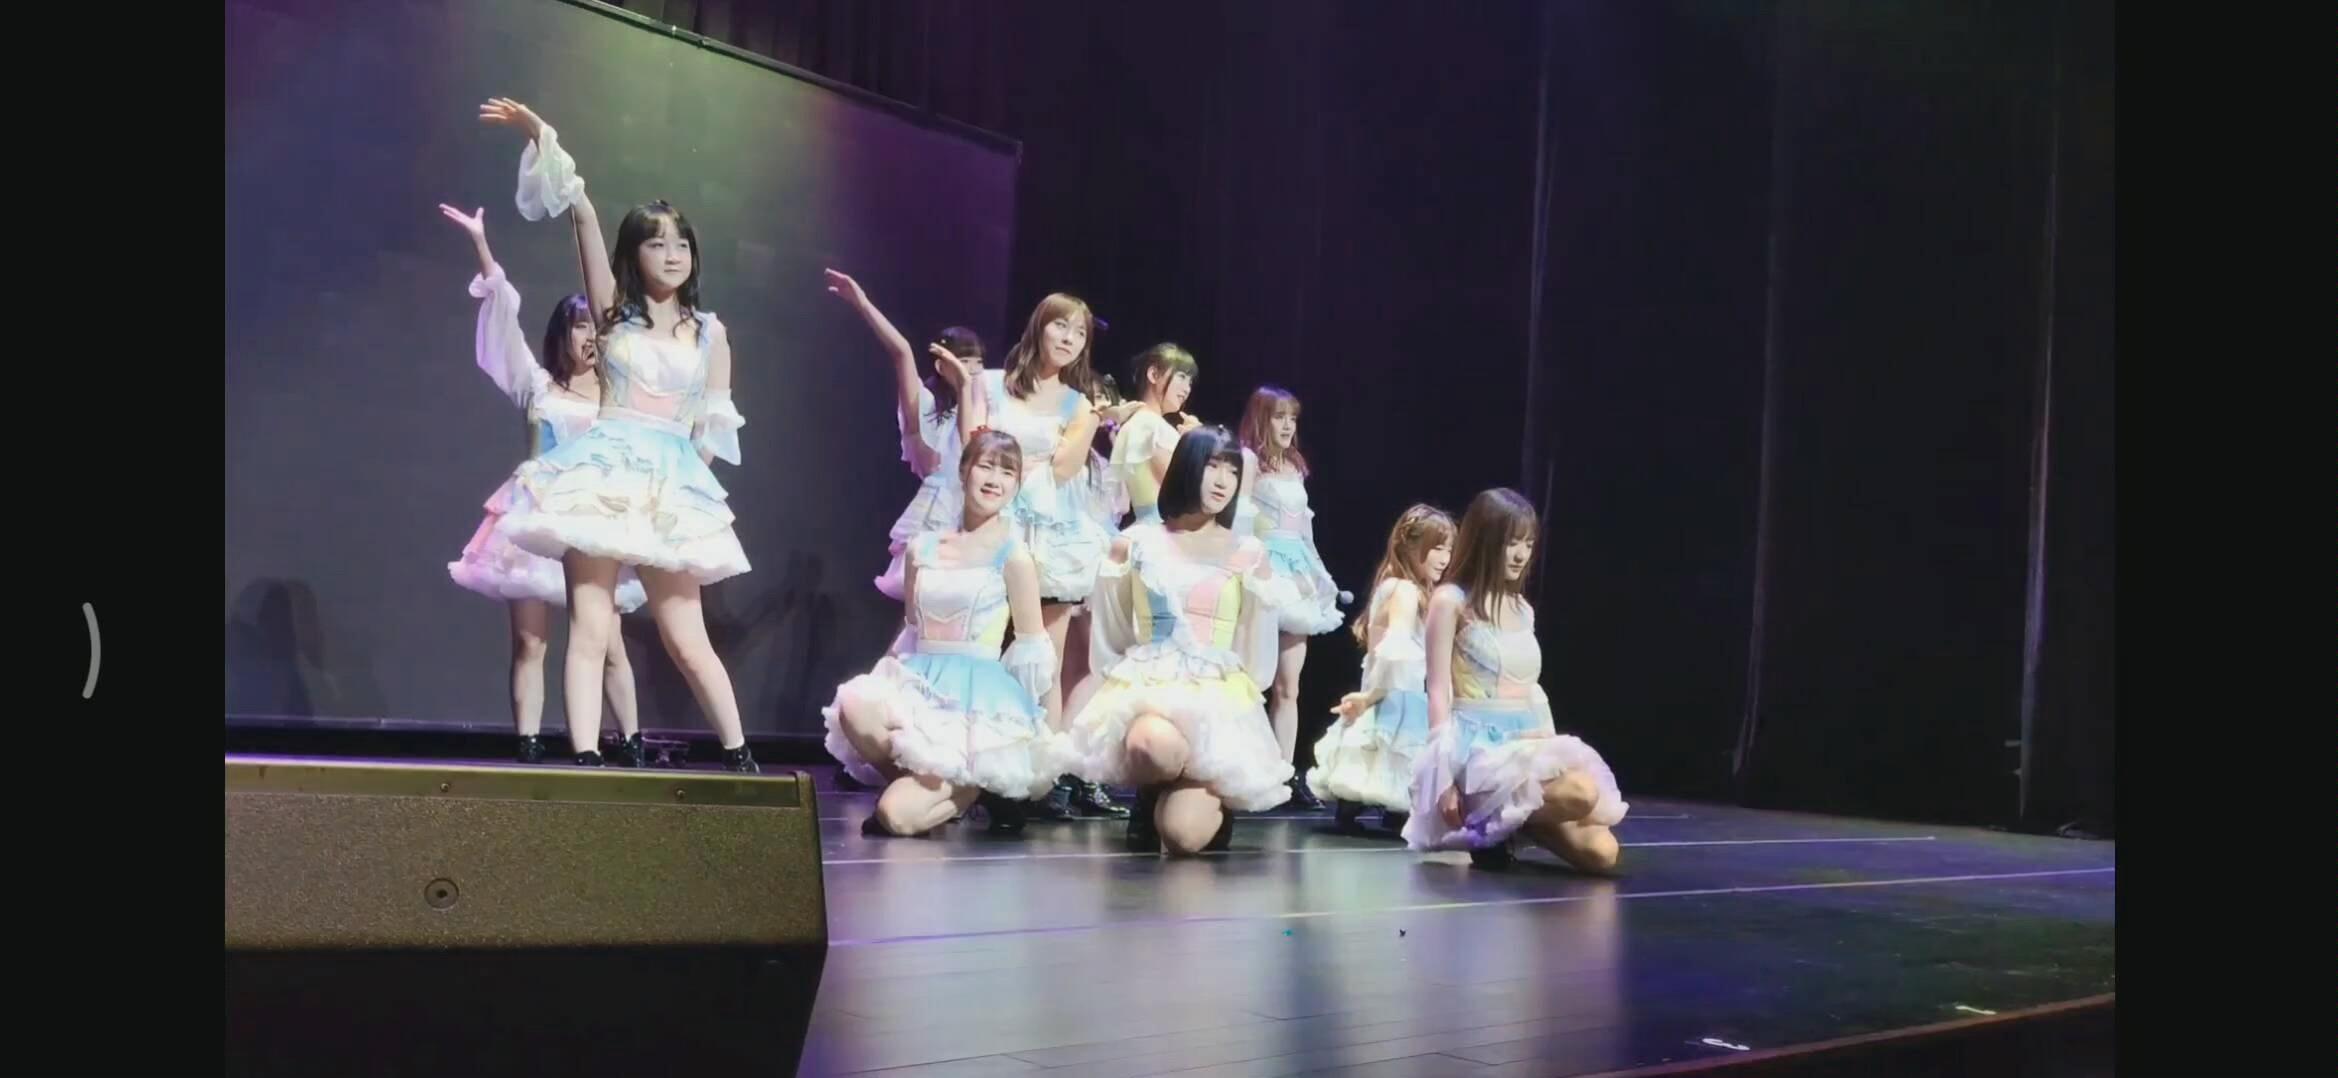 2019年6月15日重演时代艺术中心CKG48奇幻的加冕旅程公演《第一人称》